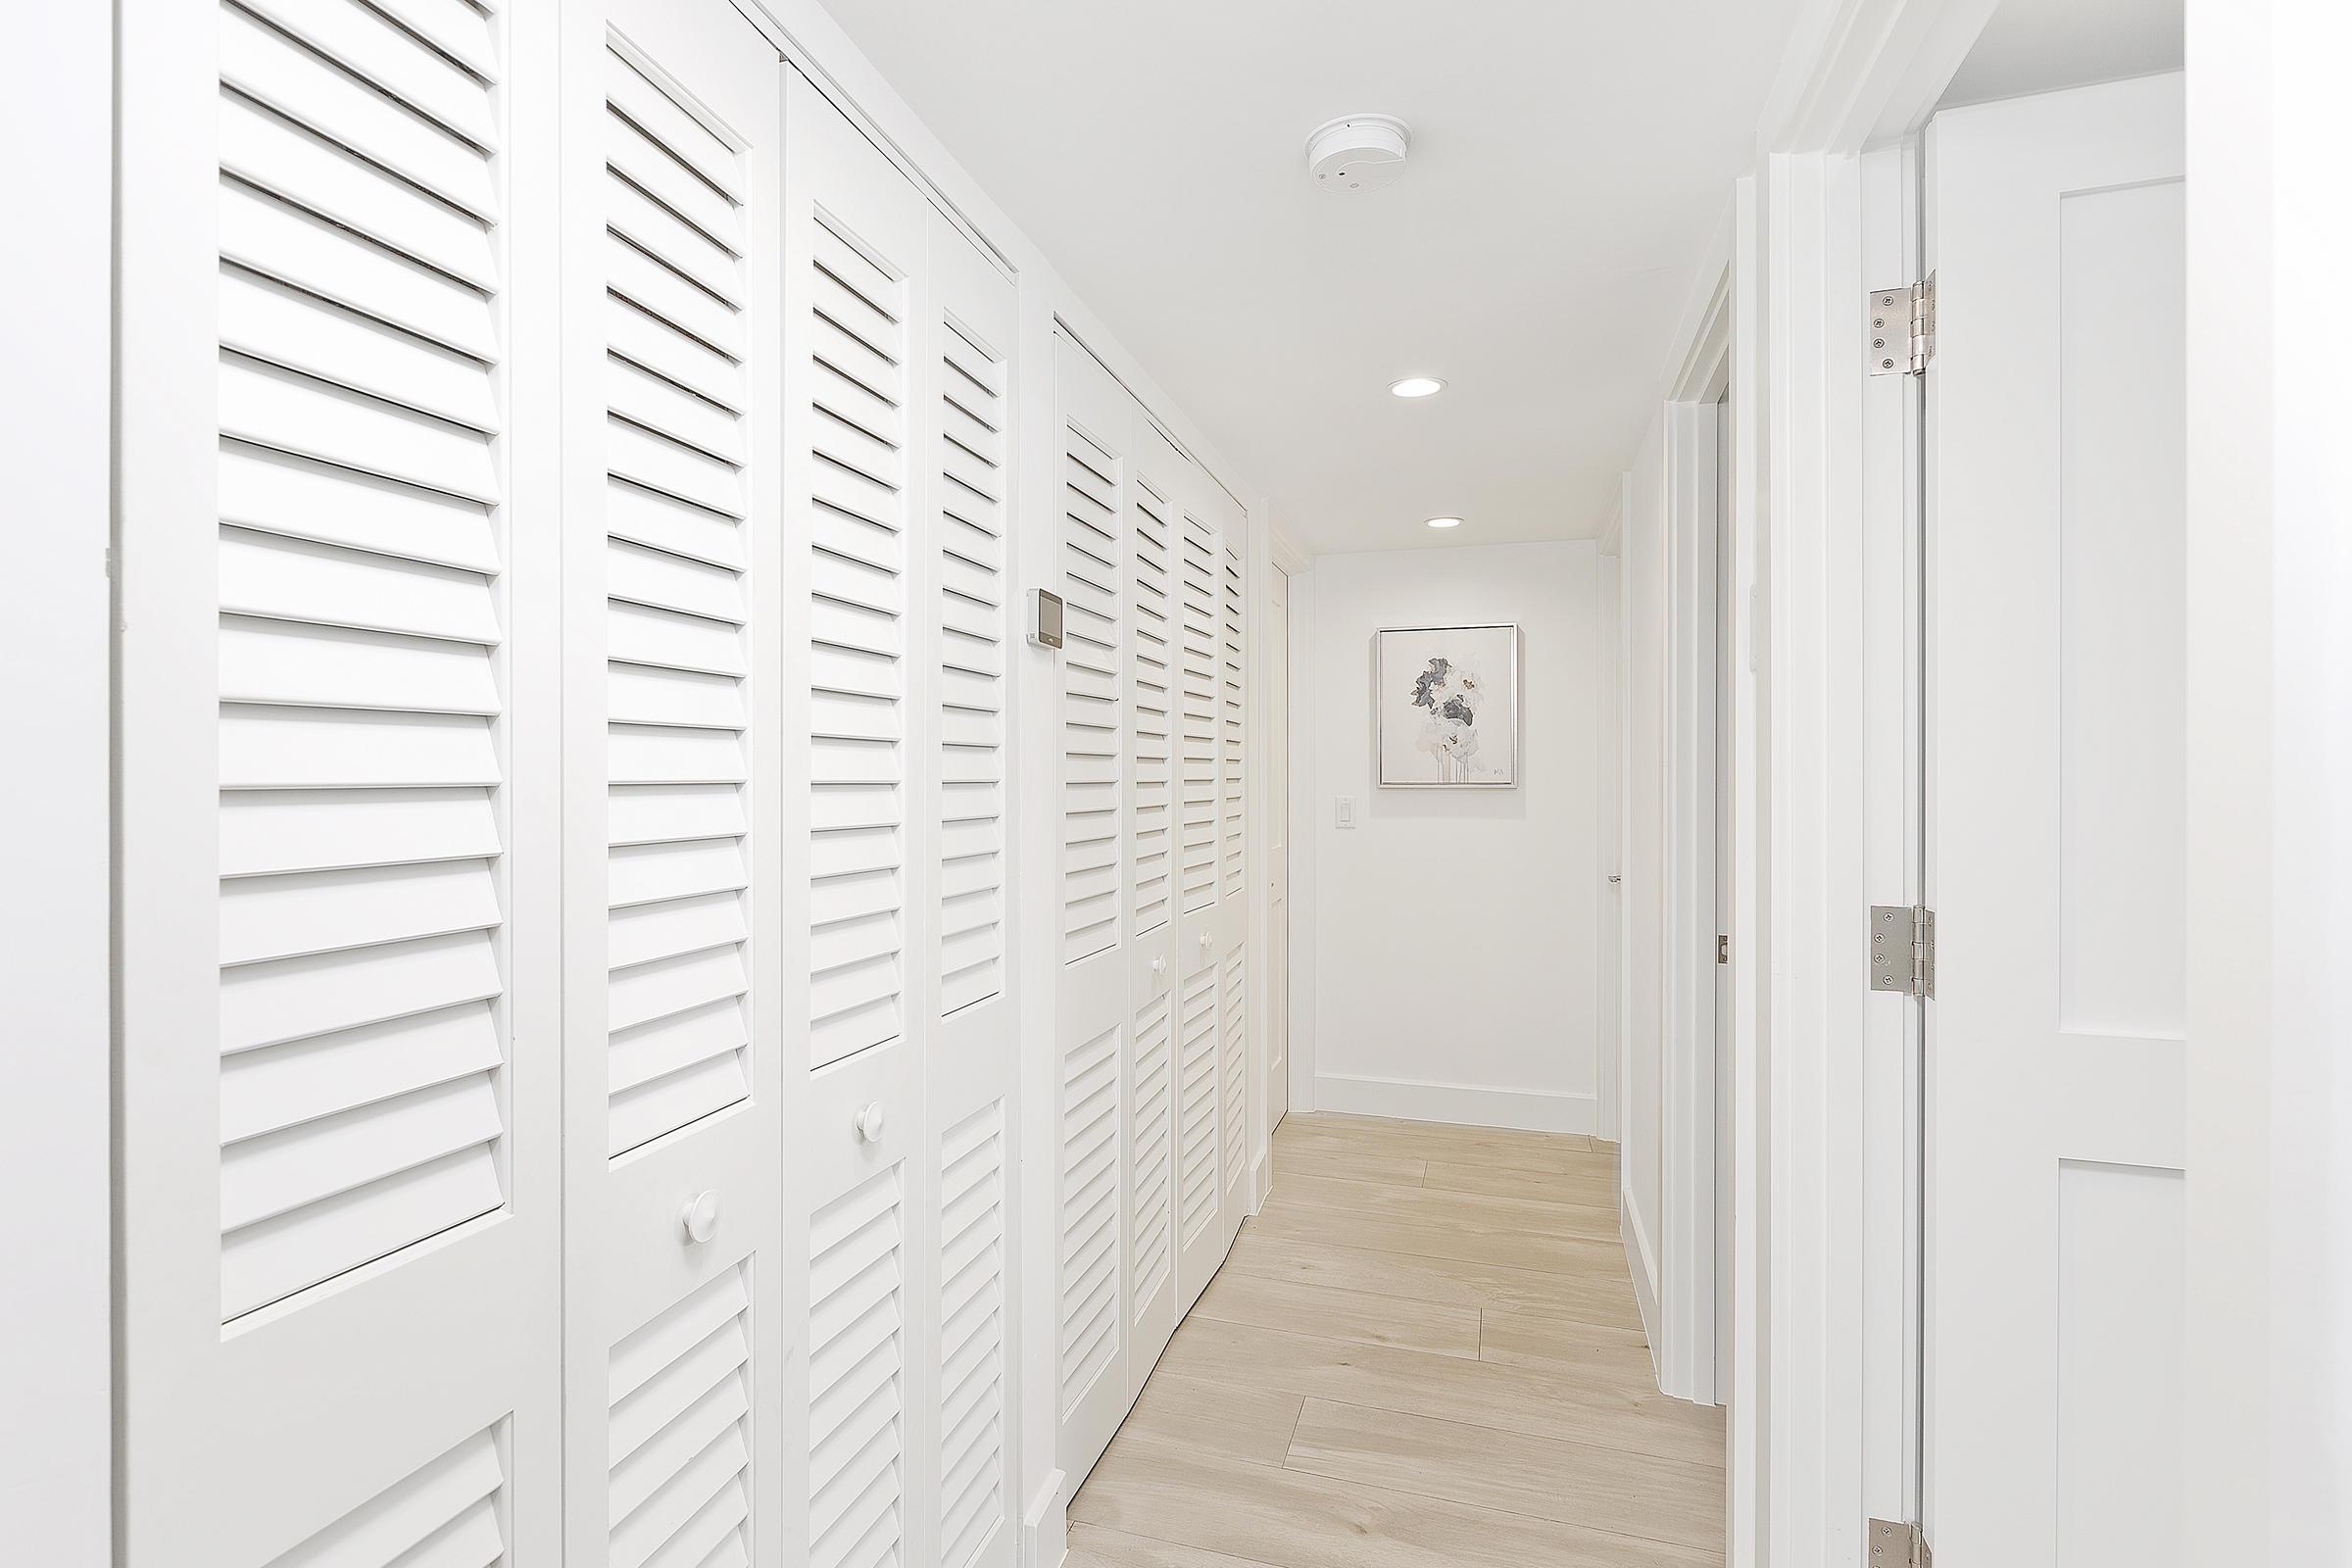 19_Hallway_Bedrooms